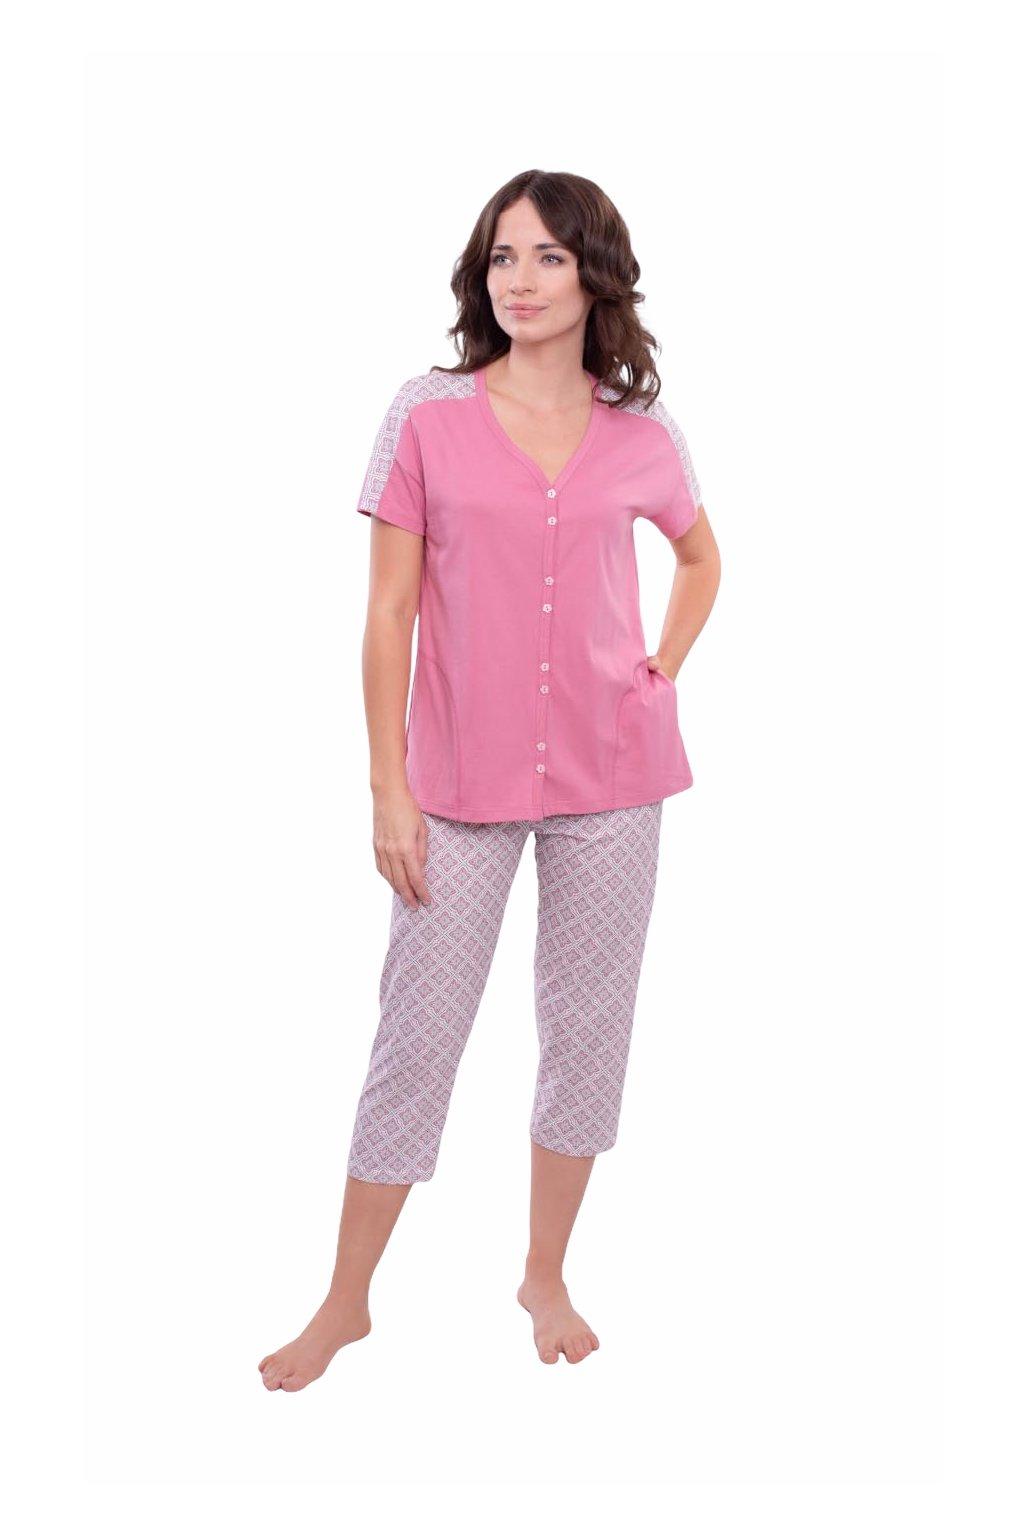 Dámské pyžamo s krátkým rukávem a 3/4 nohavicemi, 104570 488, růžová